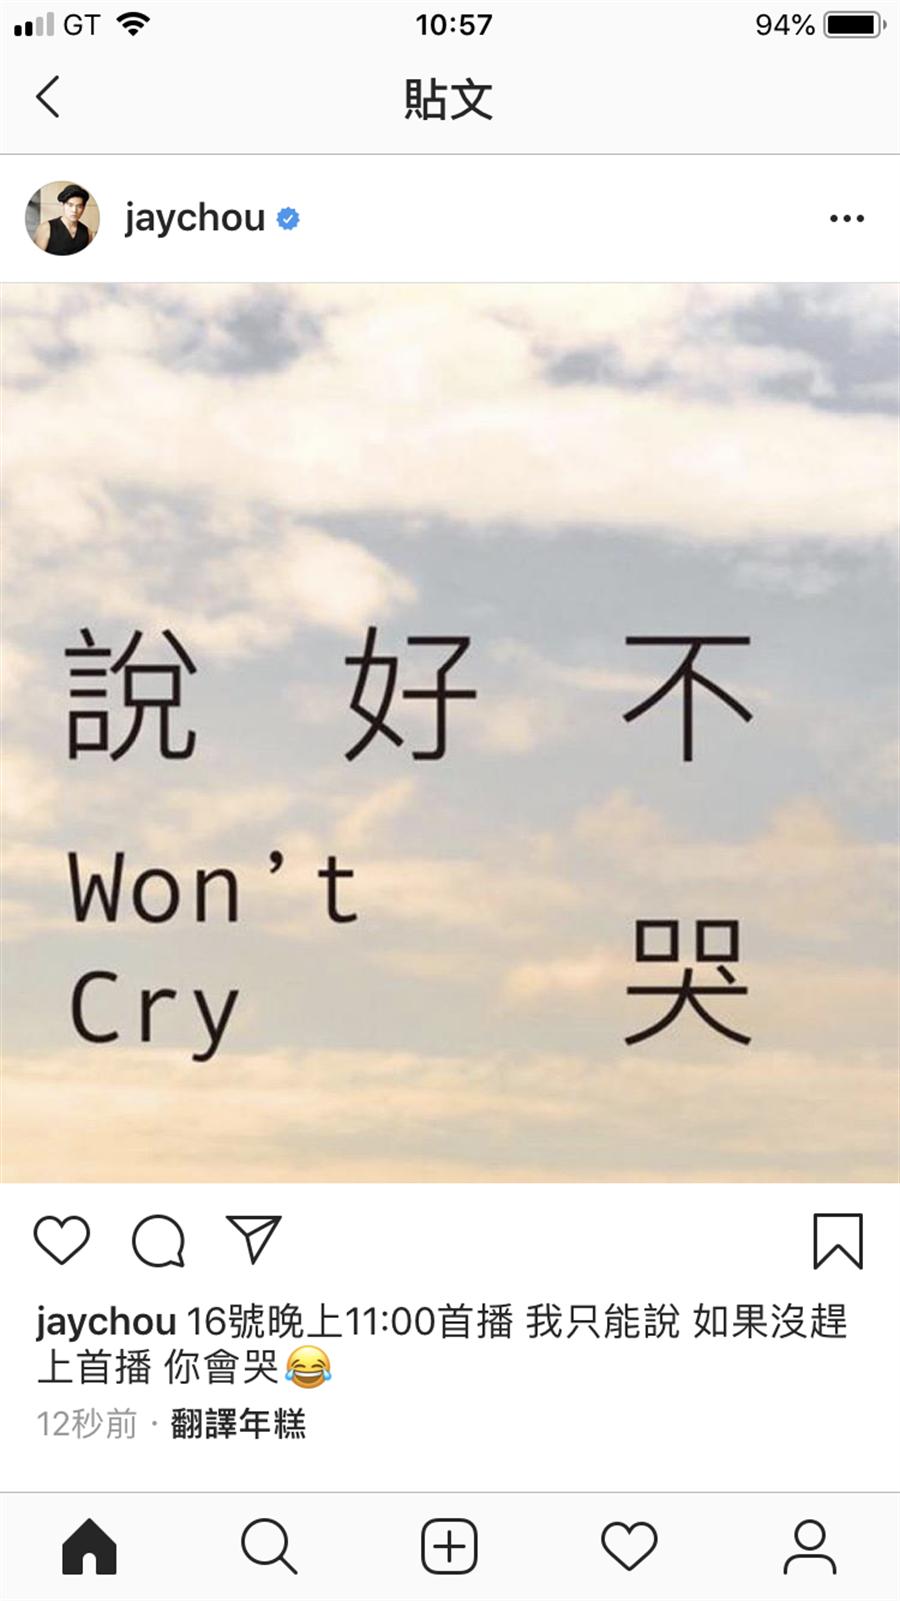 周杰倫今天早上在IG曝光新歌〈說好不哭〉封面照,並預告「16晚上11:00首播,我只能說,如果沒趕上首播,你會哭」。(取自周杰倫IG)